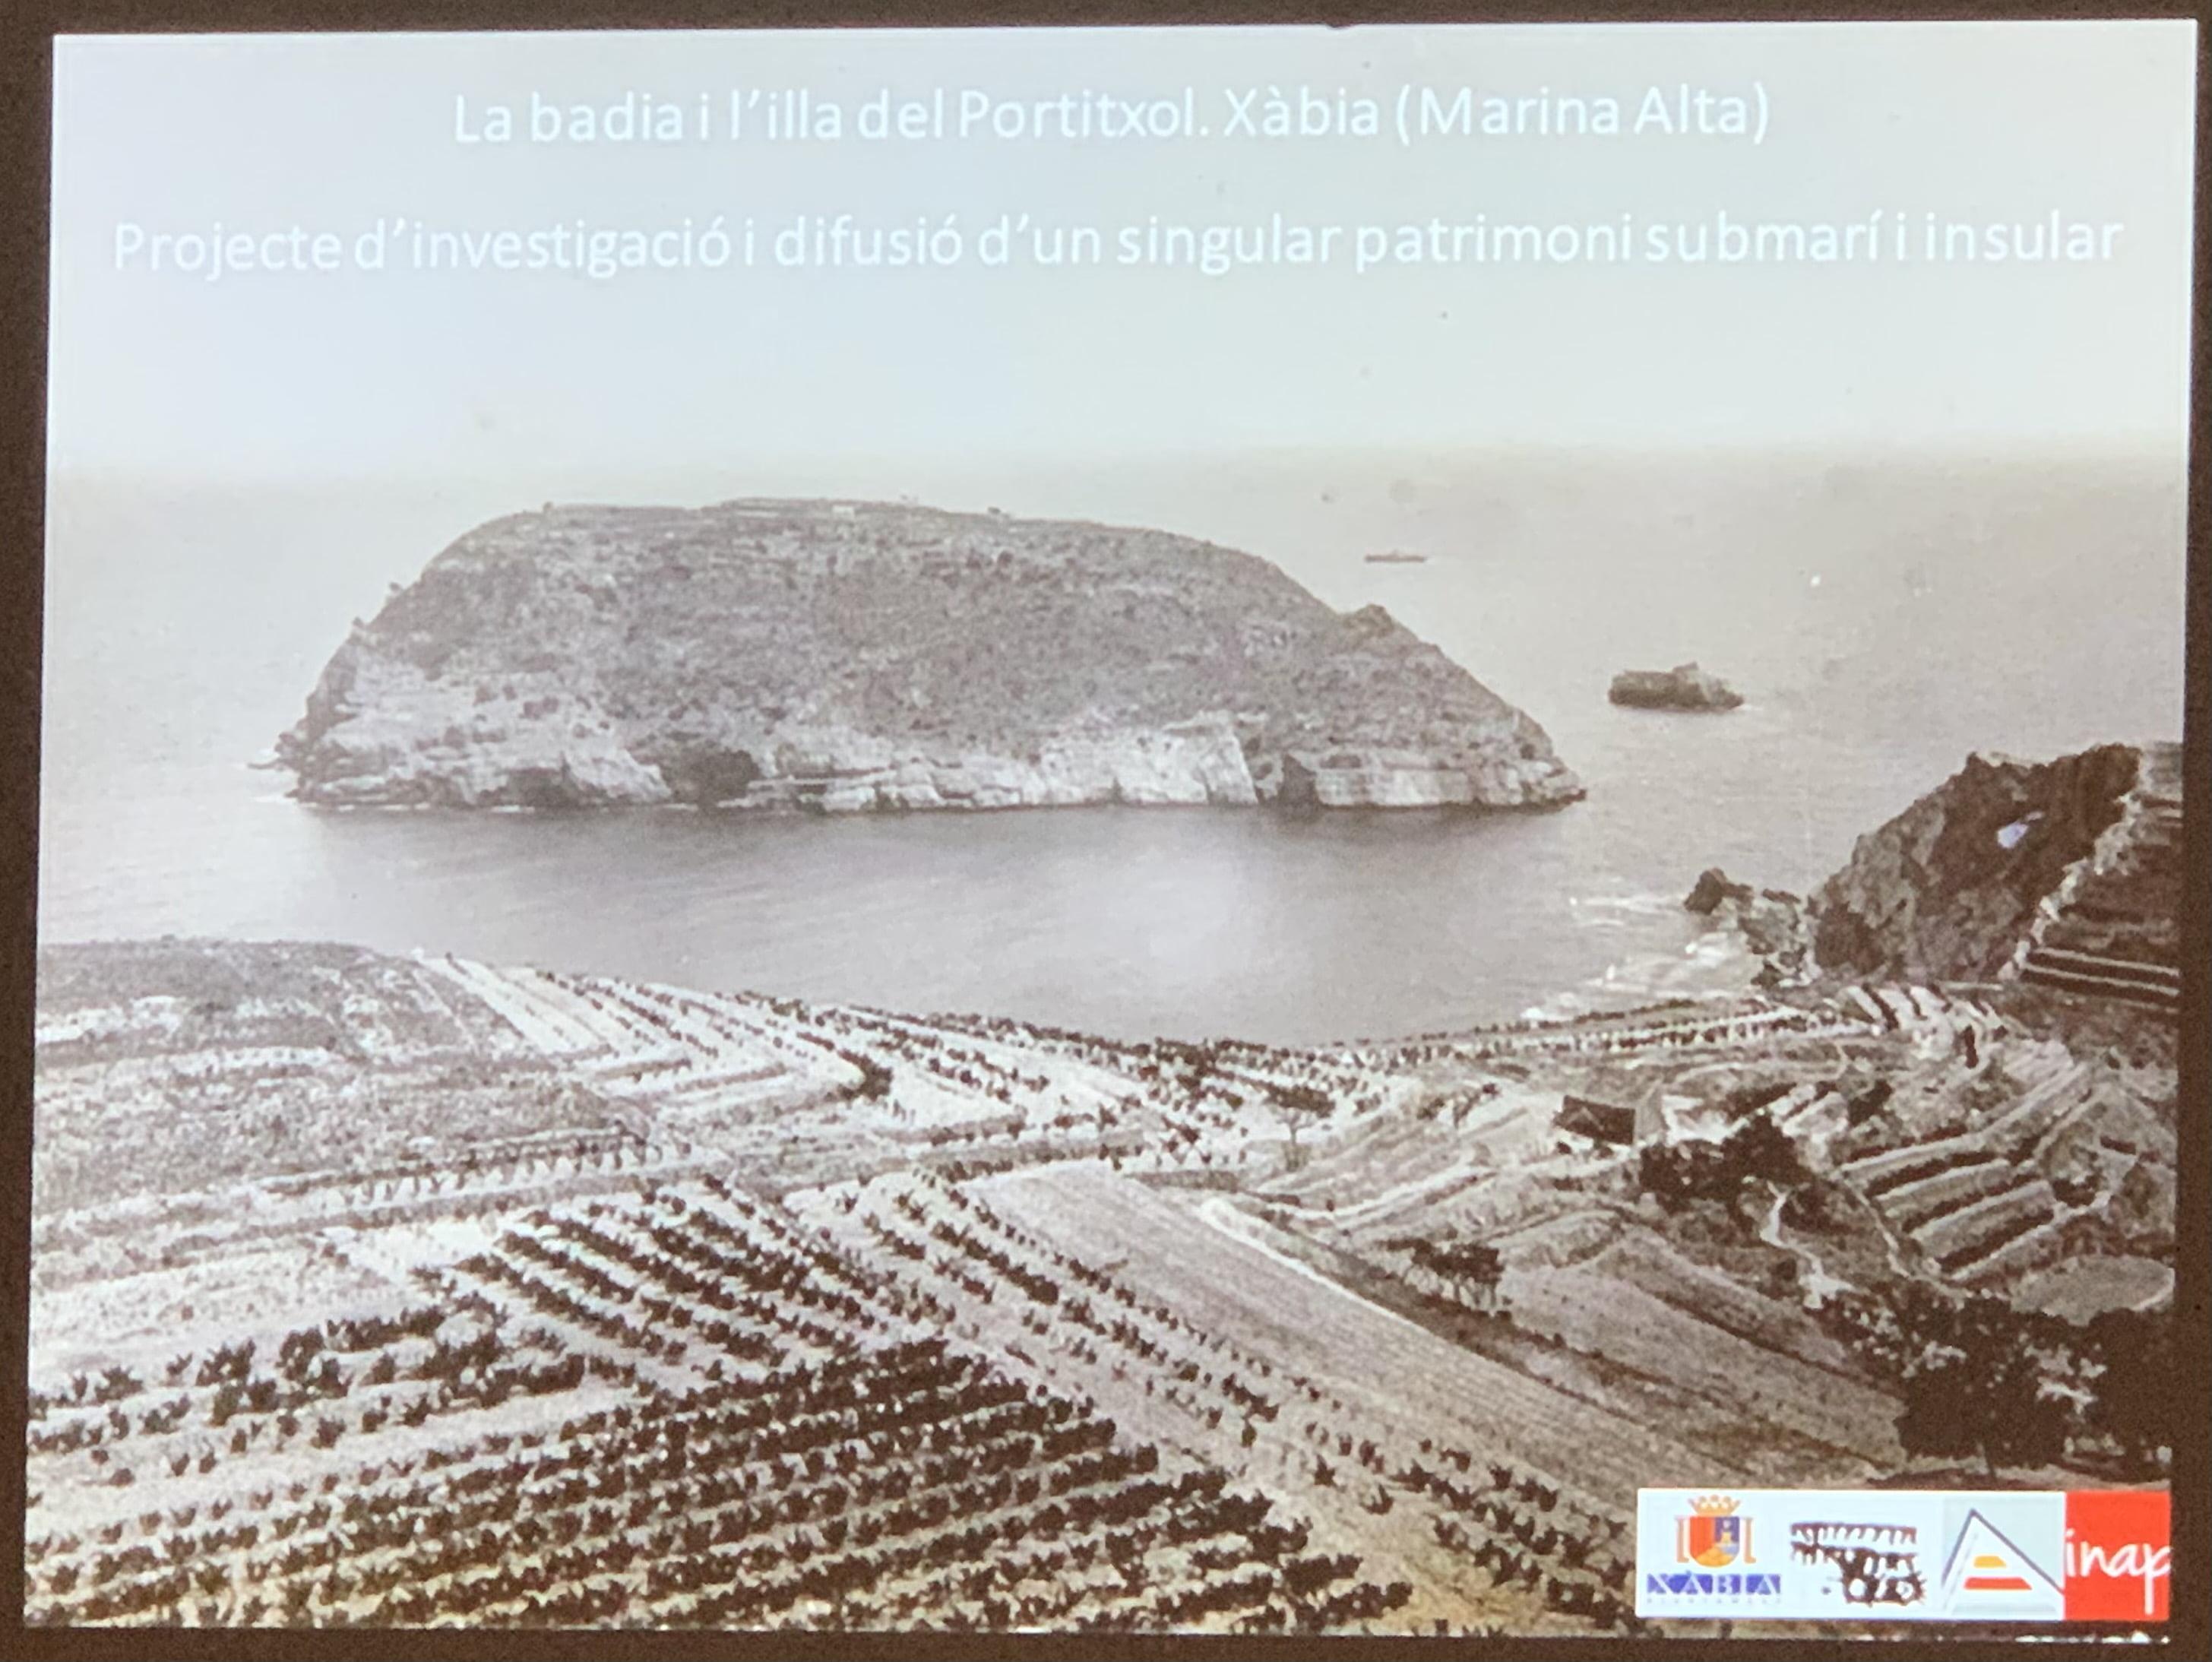 Foto antigua de l'Illa del Portitxol